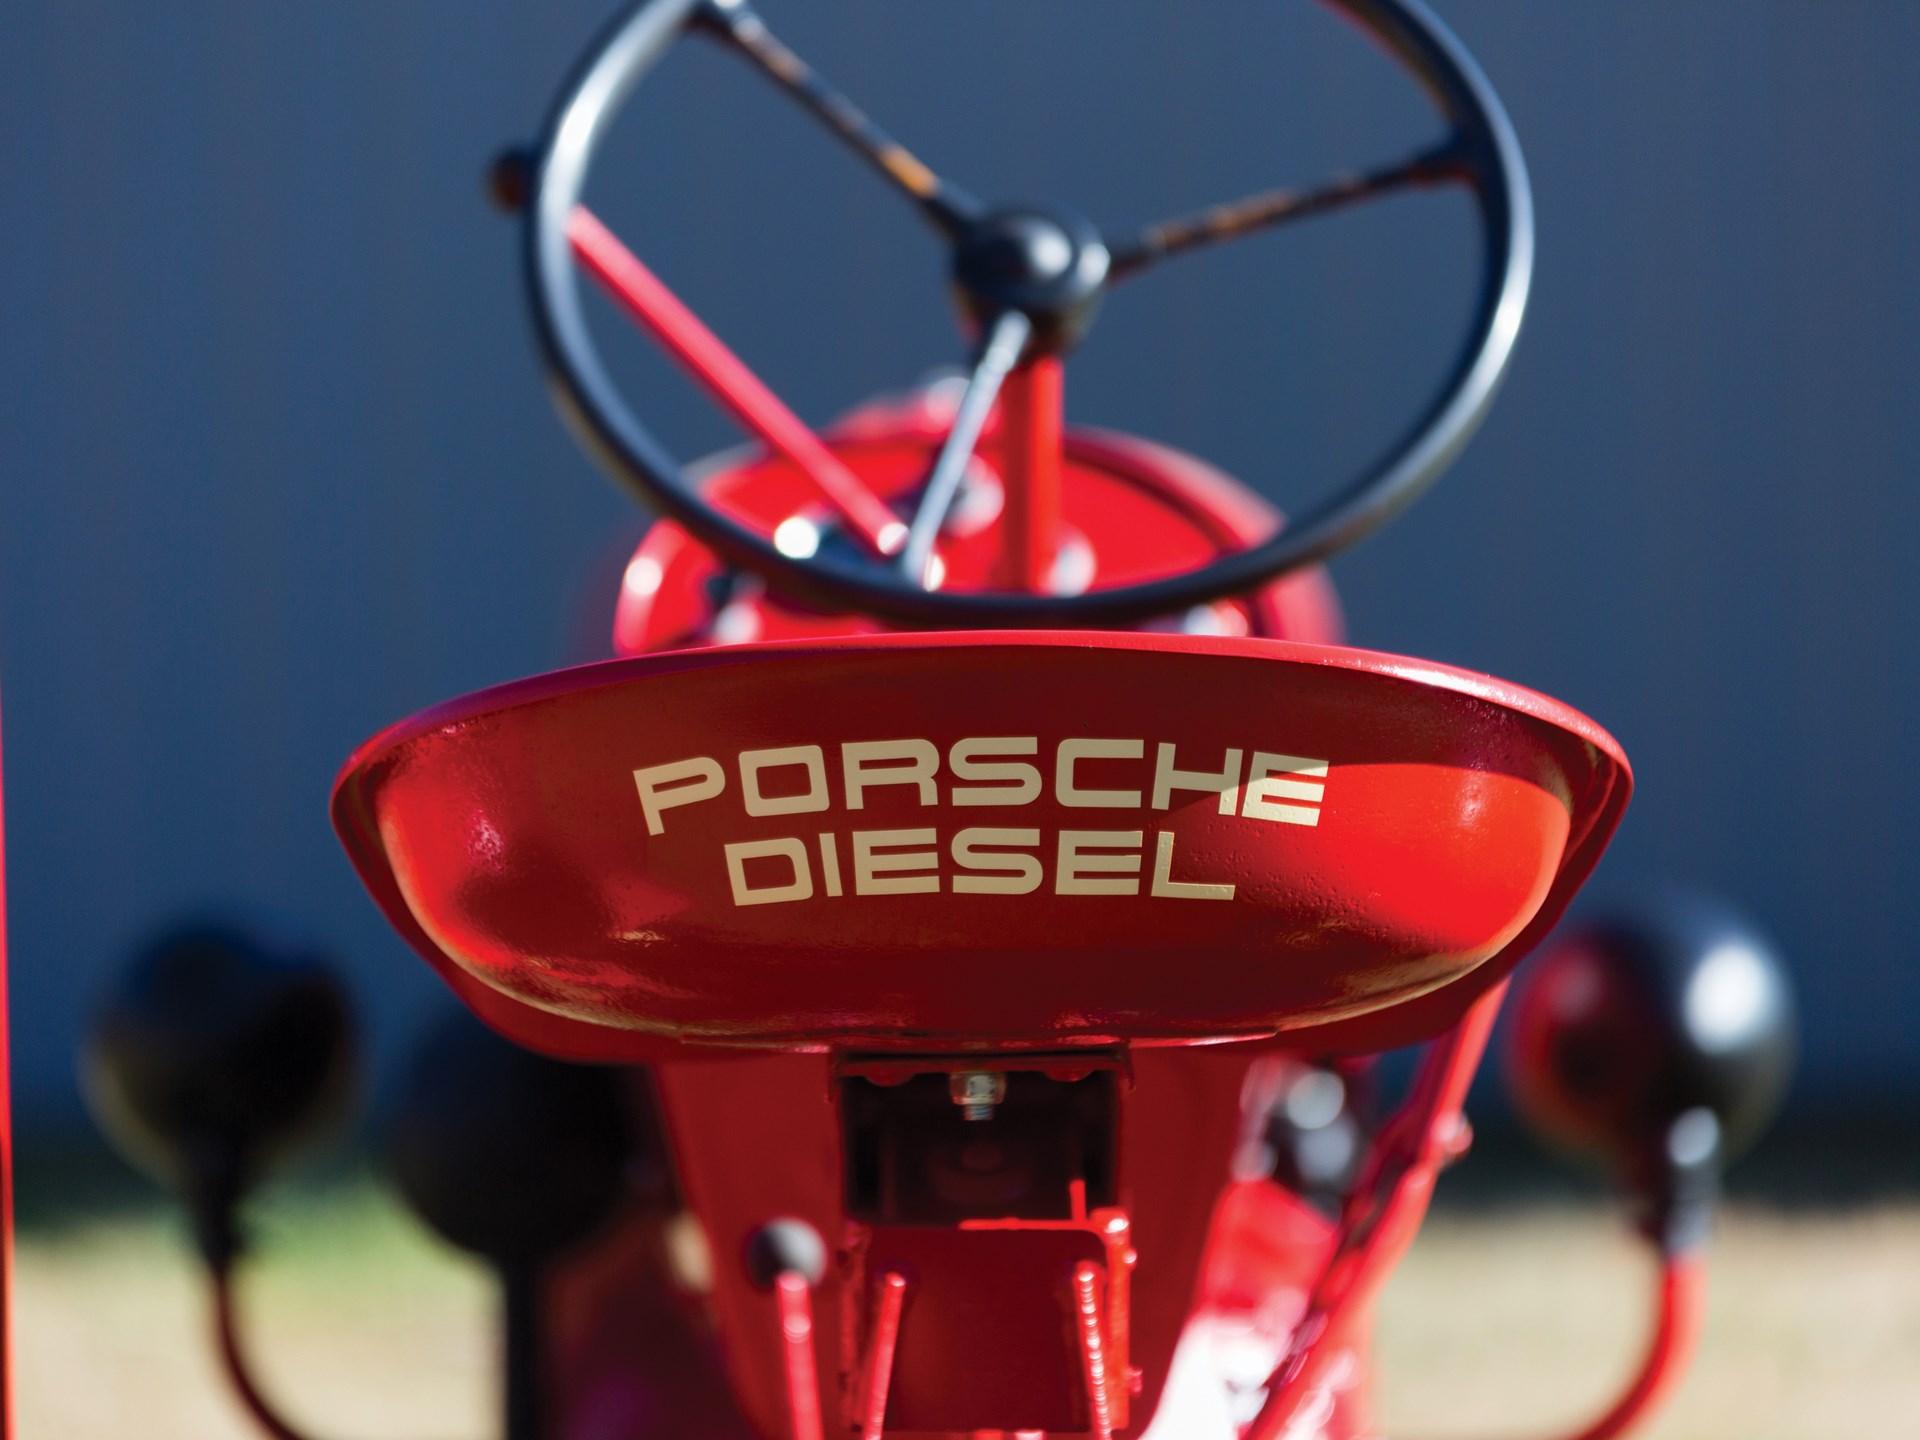 1960 Porsche-Diesel Junior 108 L